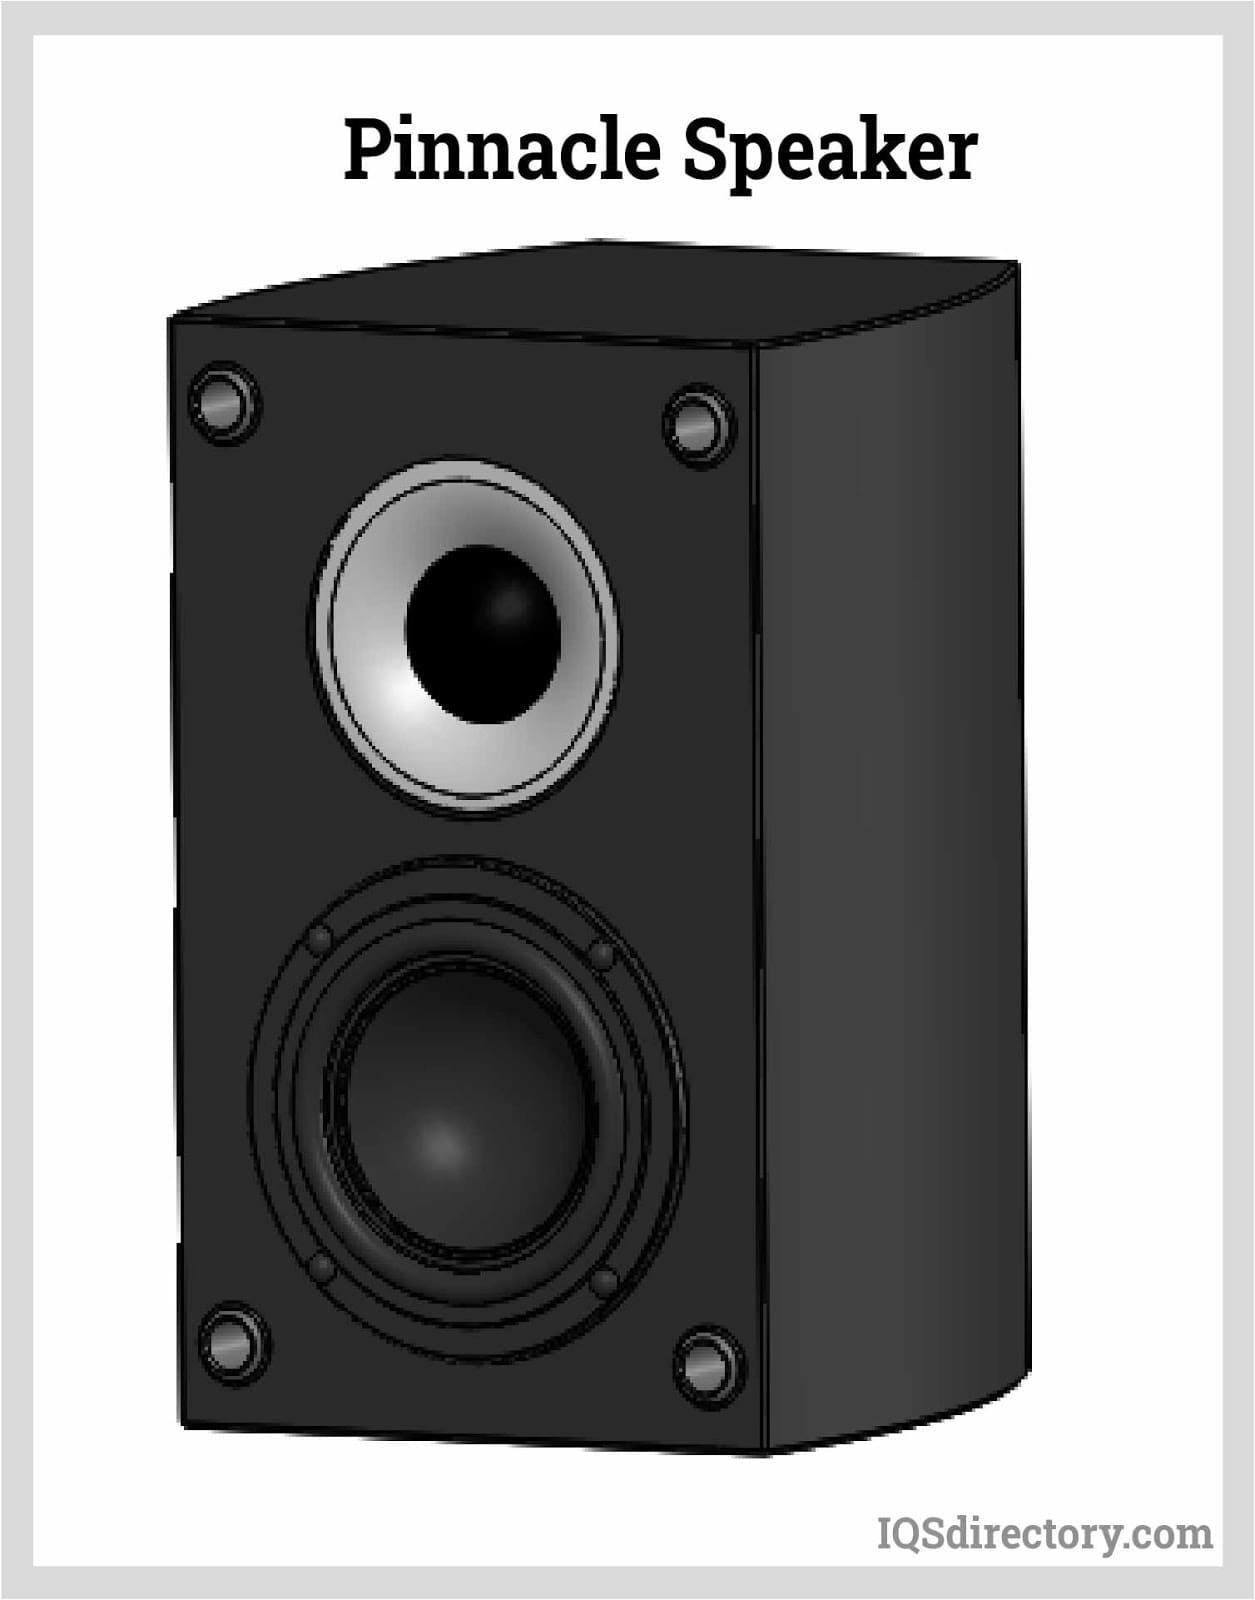 Pinnacle Speaker